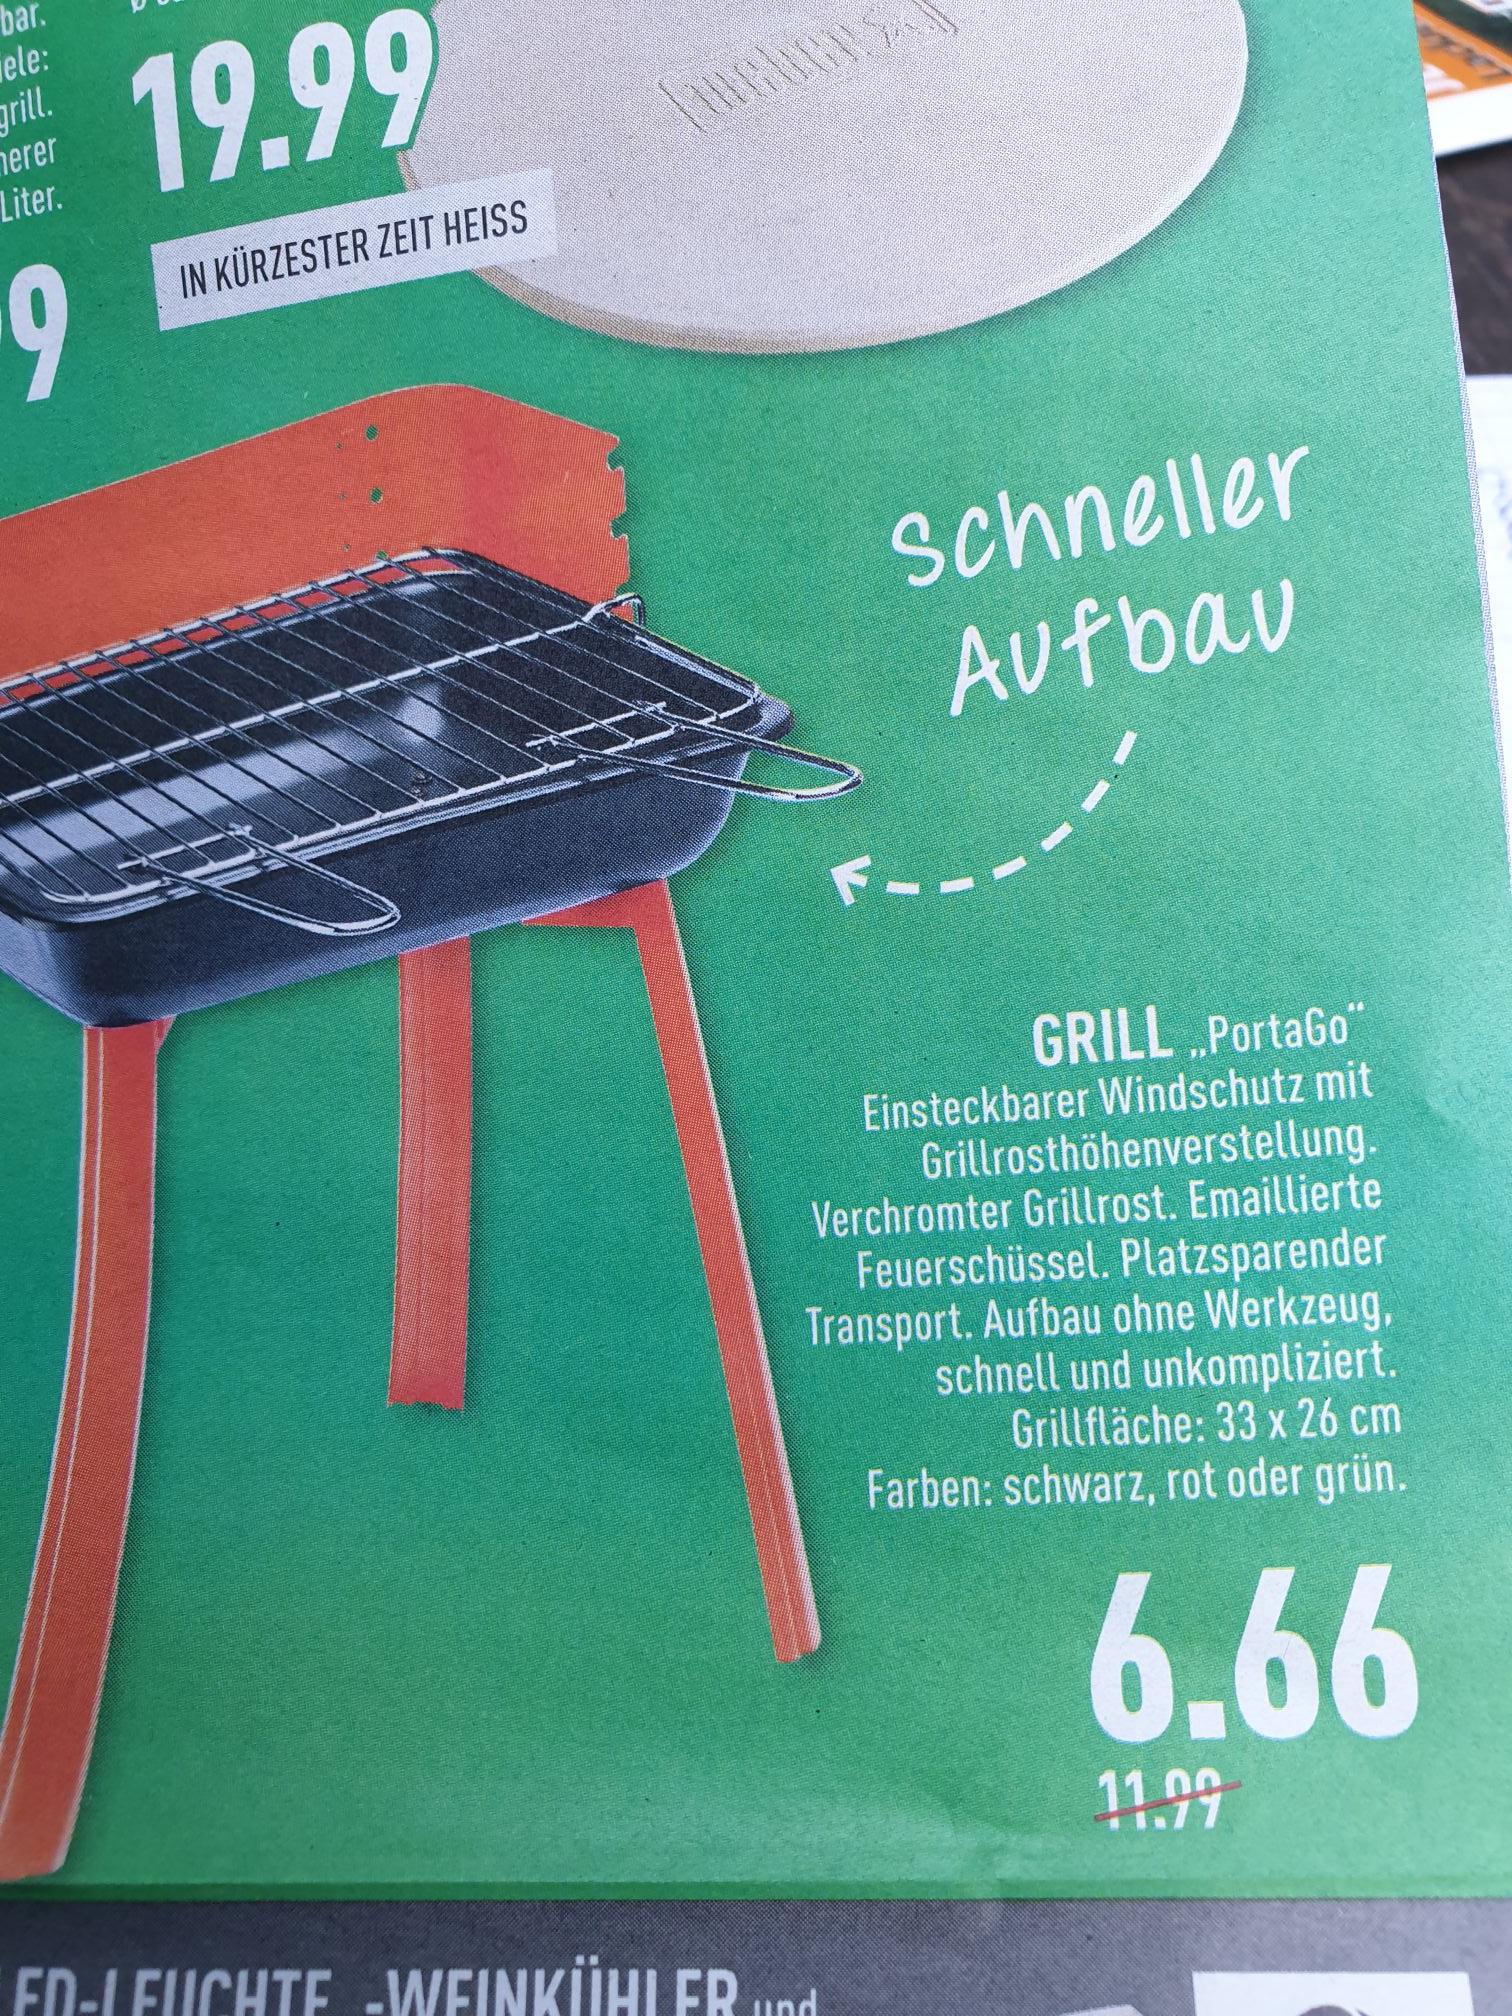 (Lokal Marktkauf NRW evtl. bundesweit) Landmann 11526? Grill PortaGo in 3 Farben für 6,66€ Vatertag